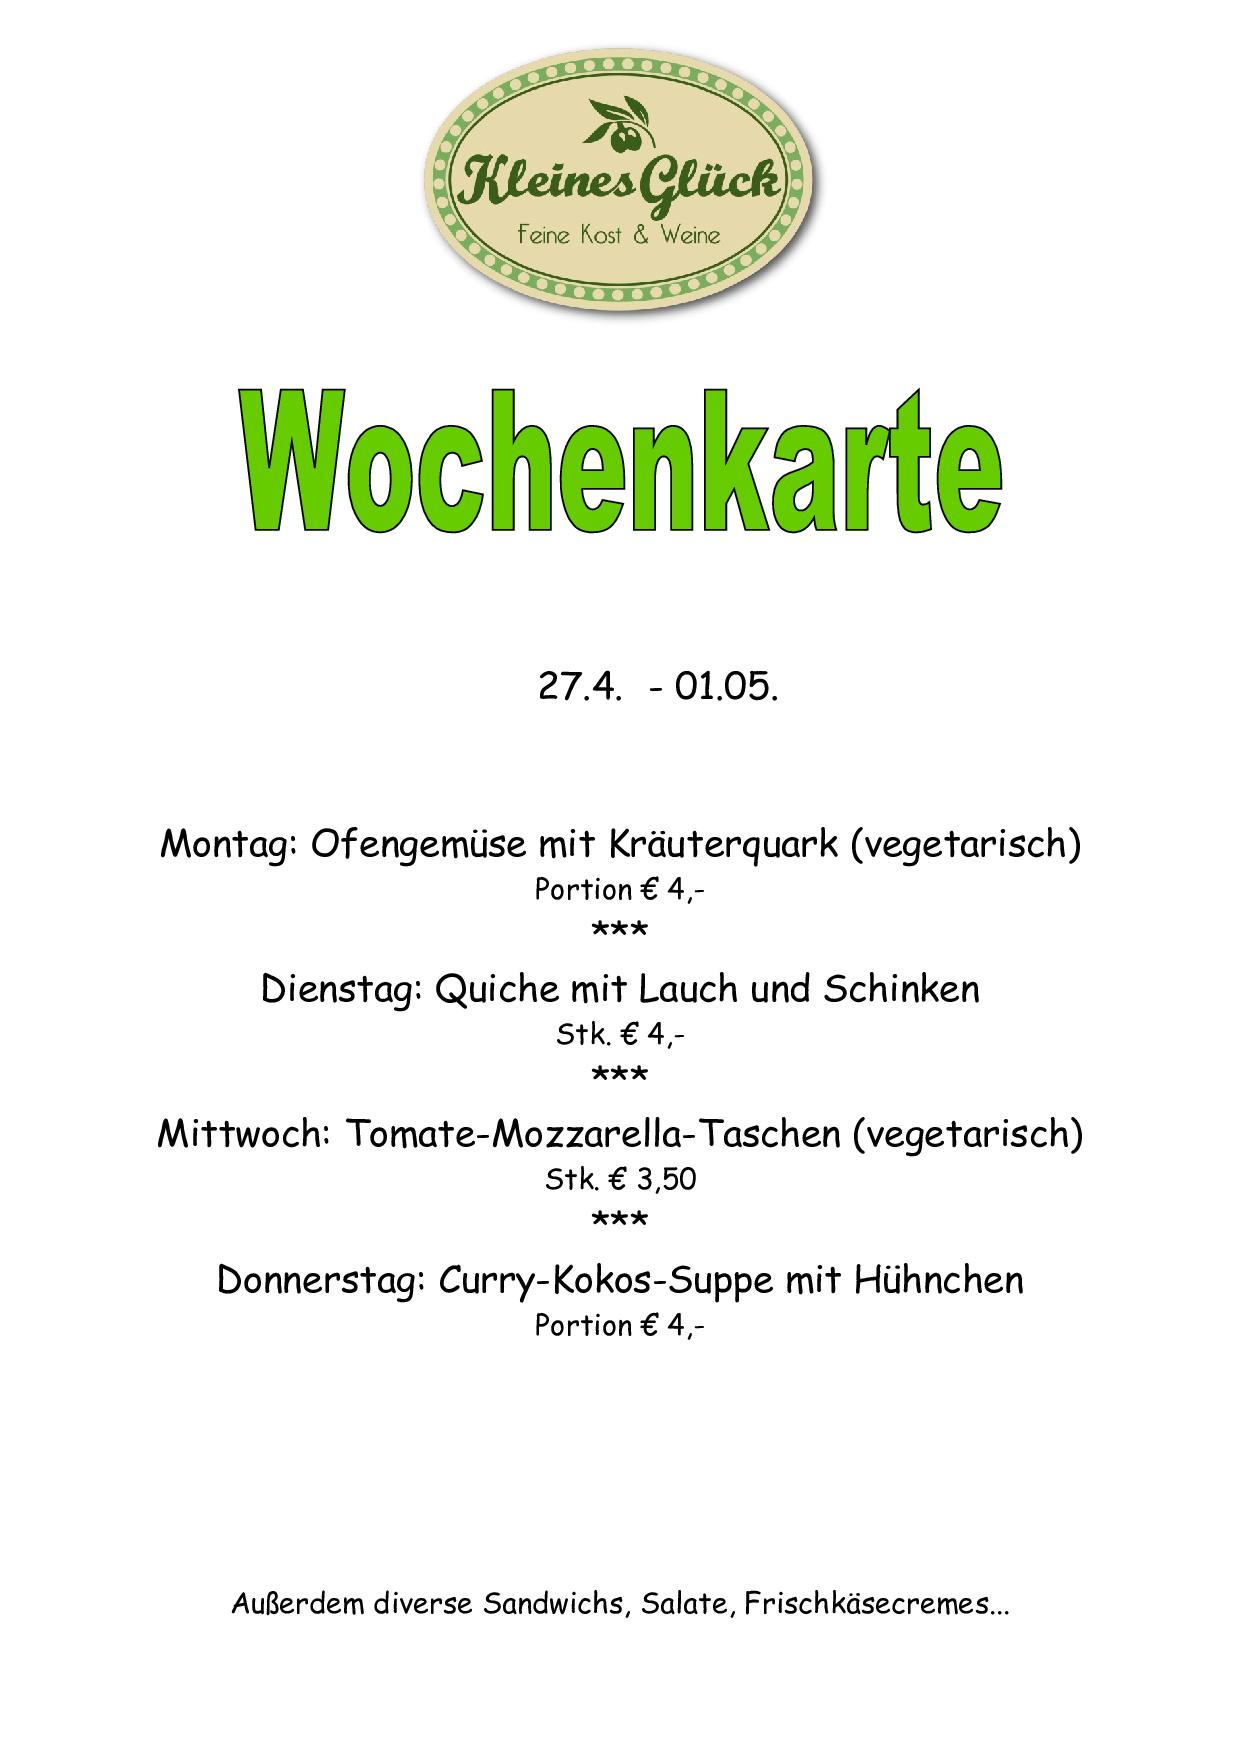 Wochenkarte_15-18